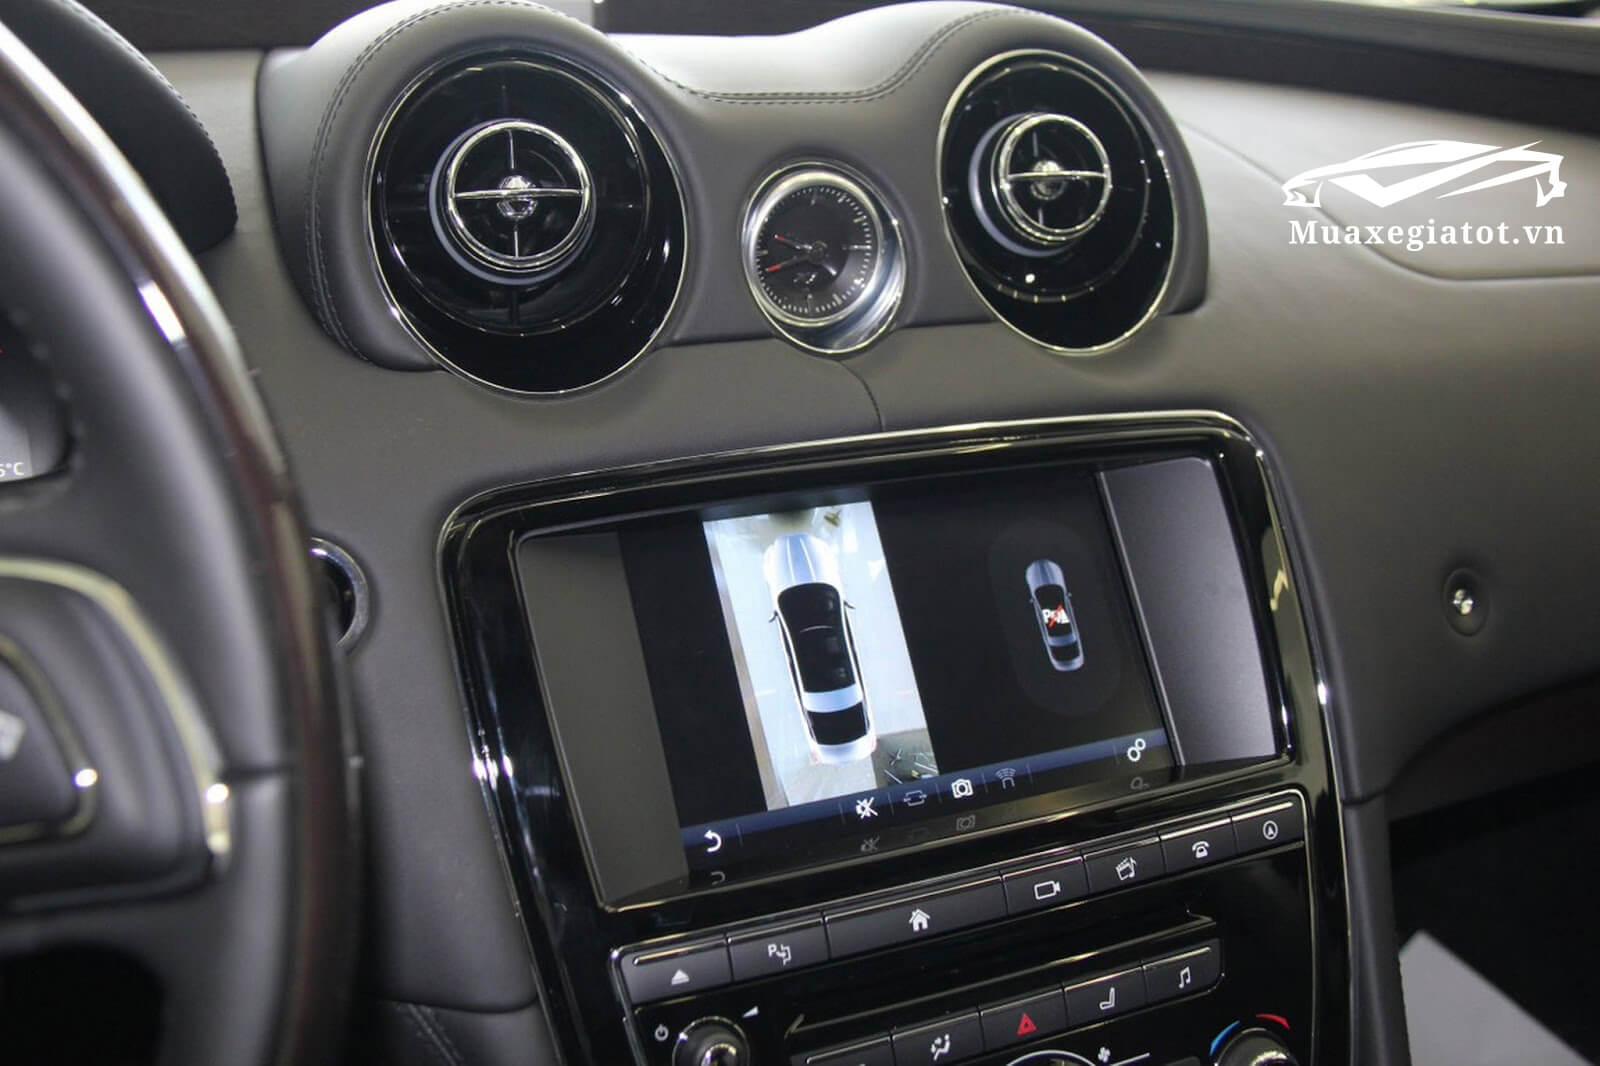 jaguar xjl 5 0 l autobiography muaxegiatot 11 - Đánh giá xe Jaguar XJ 2021 – Mẫu xe thực thụ, xa xỉ